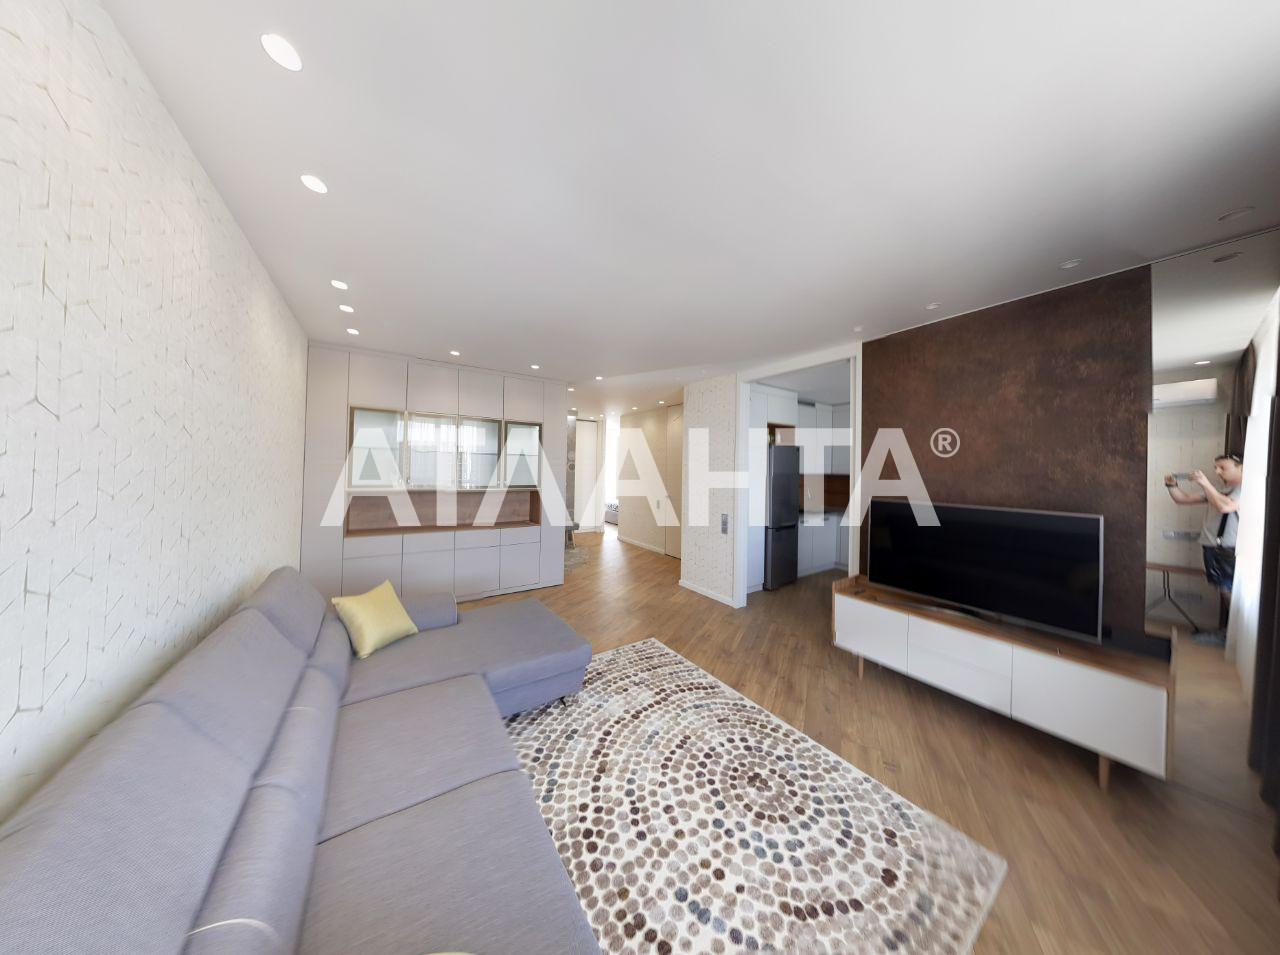 Продается 2-комнатная Квартира на ул. Практична — 110 000 у.е. (фото №2)